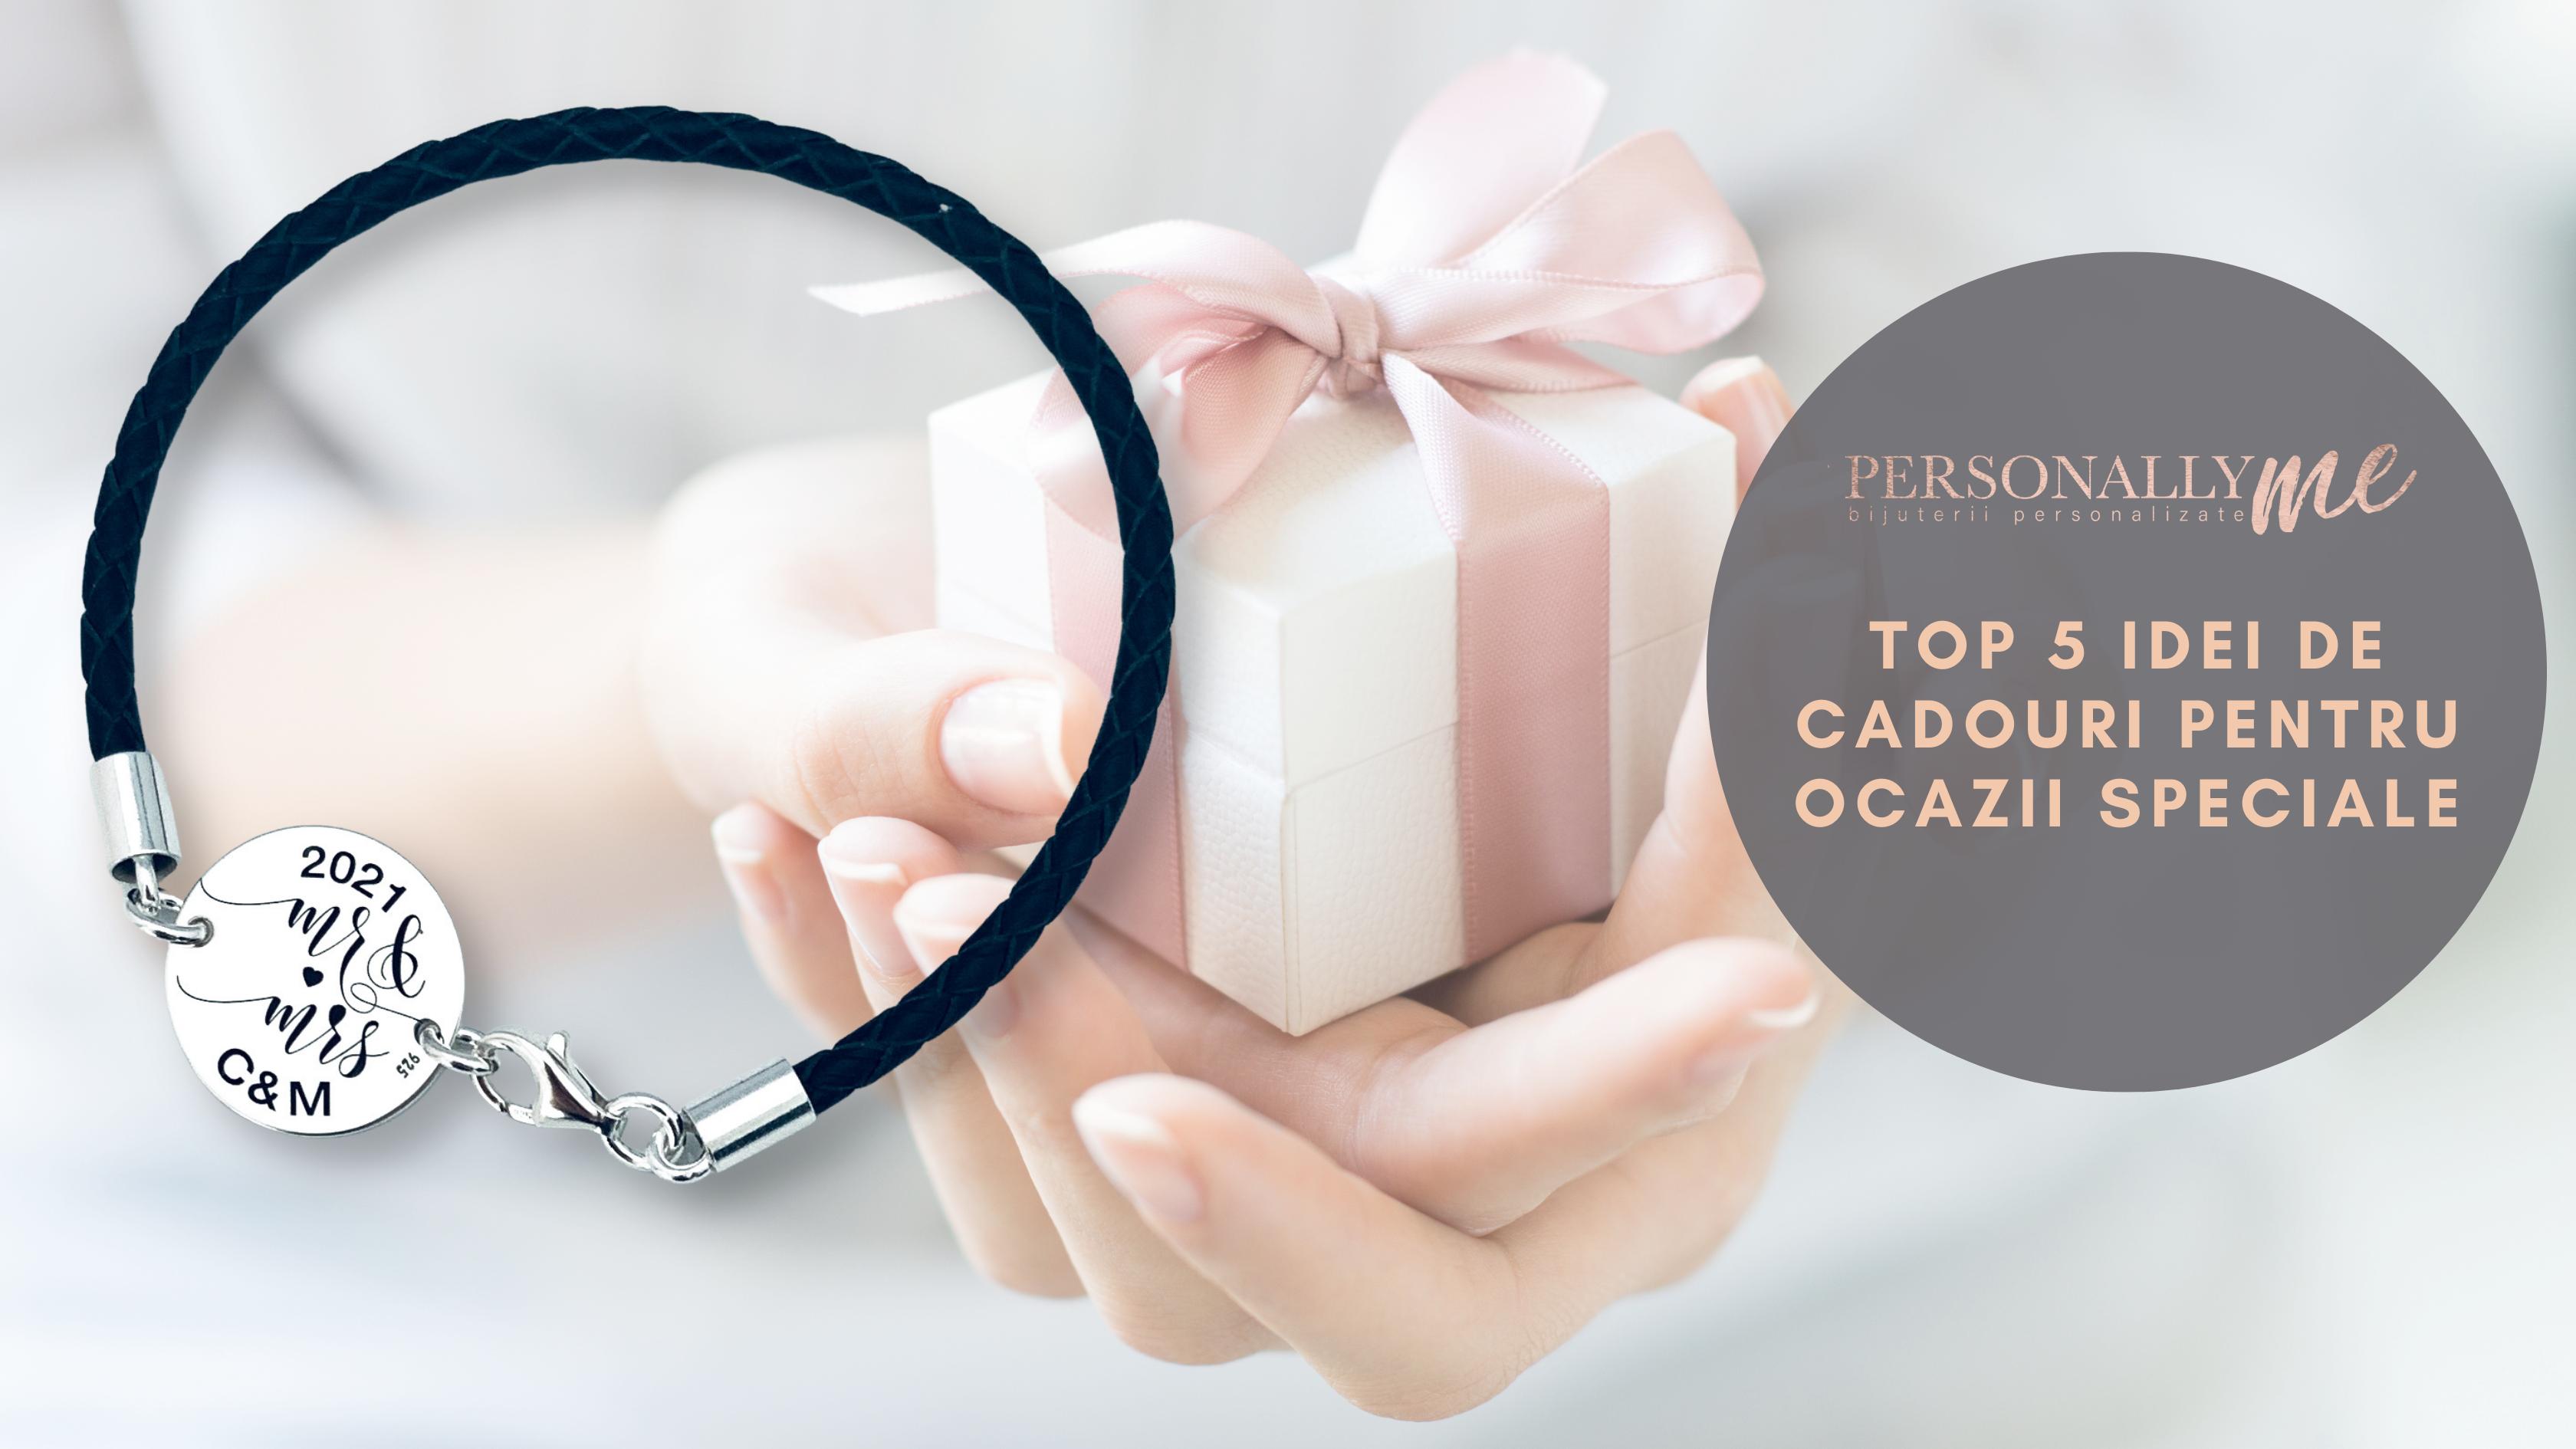 Top 5 idei de cadouri pentru ocazii speciale